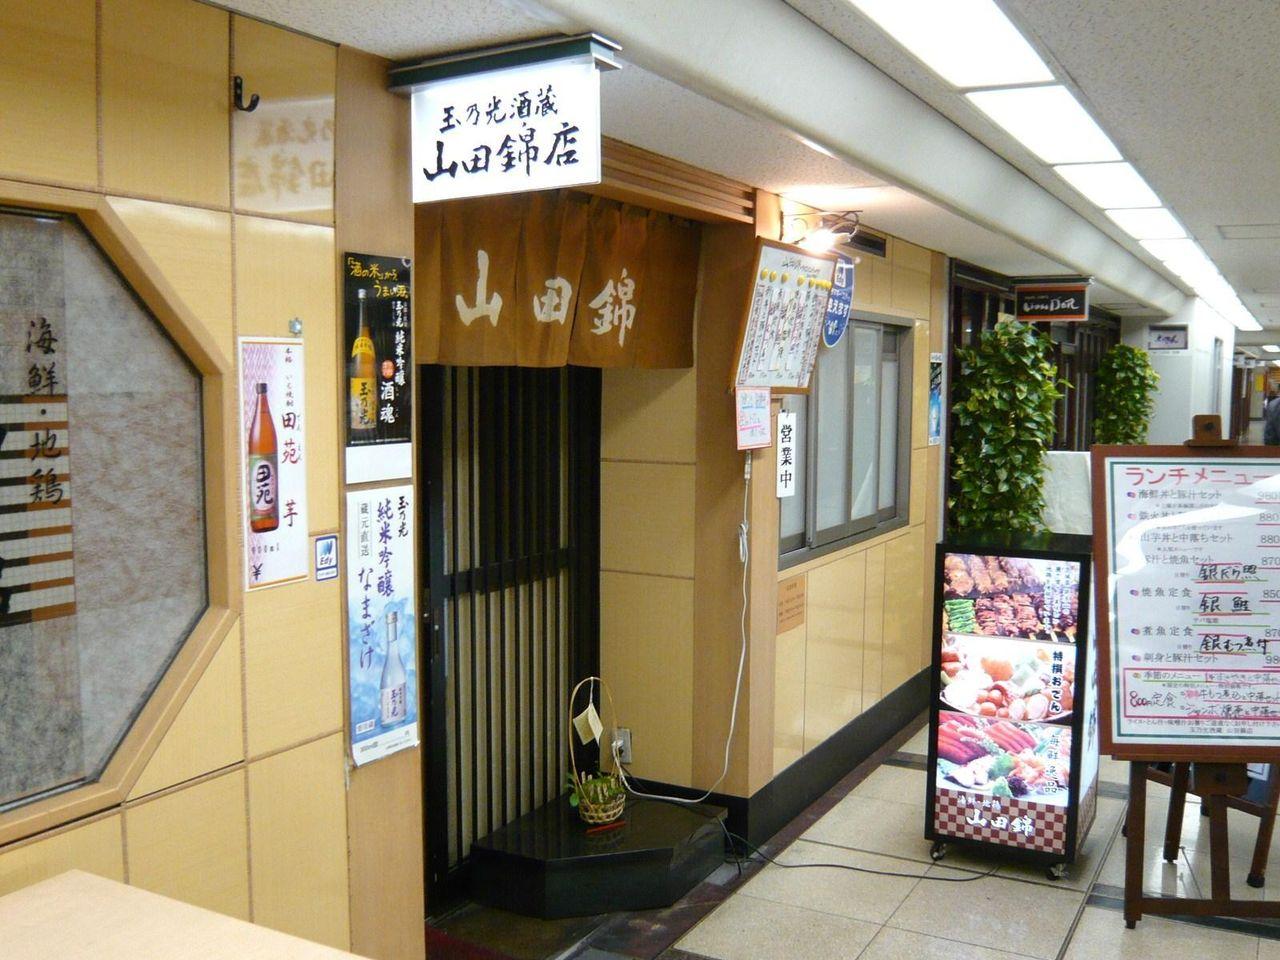 土曜日でも、お昼は満席になる人気店です。